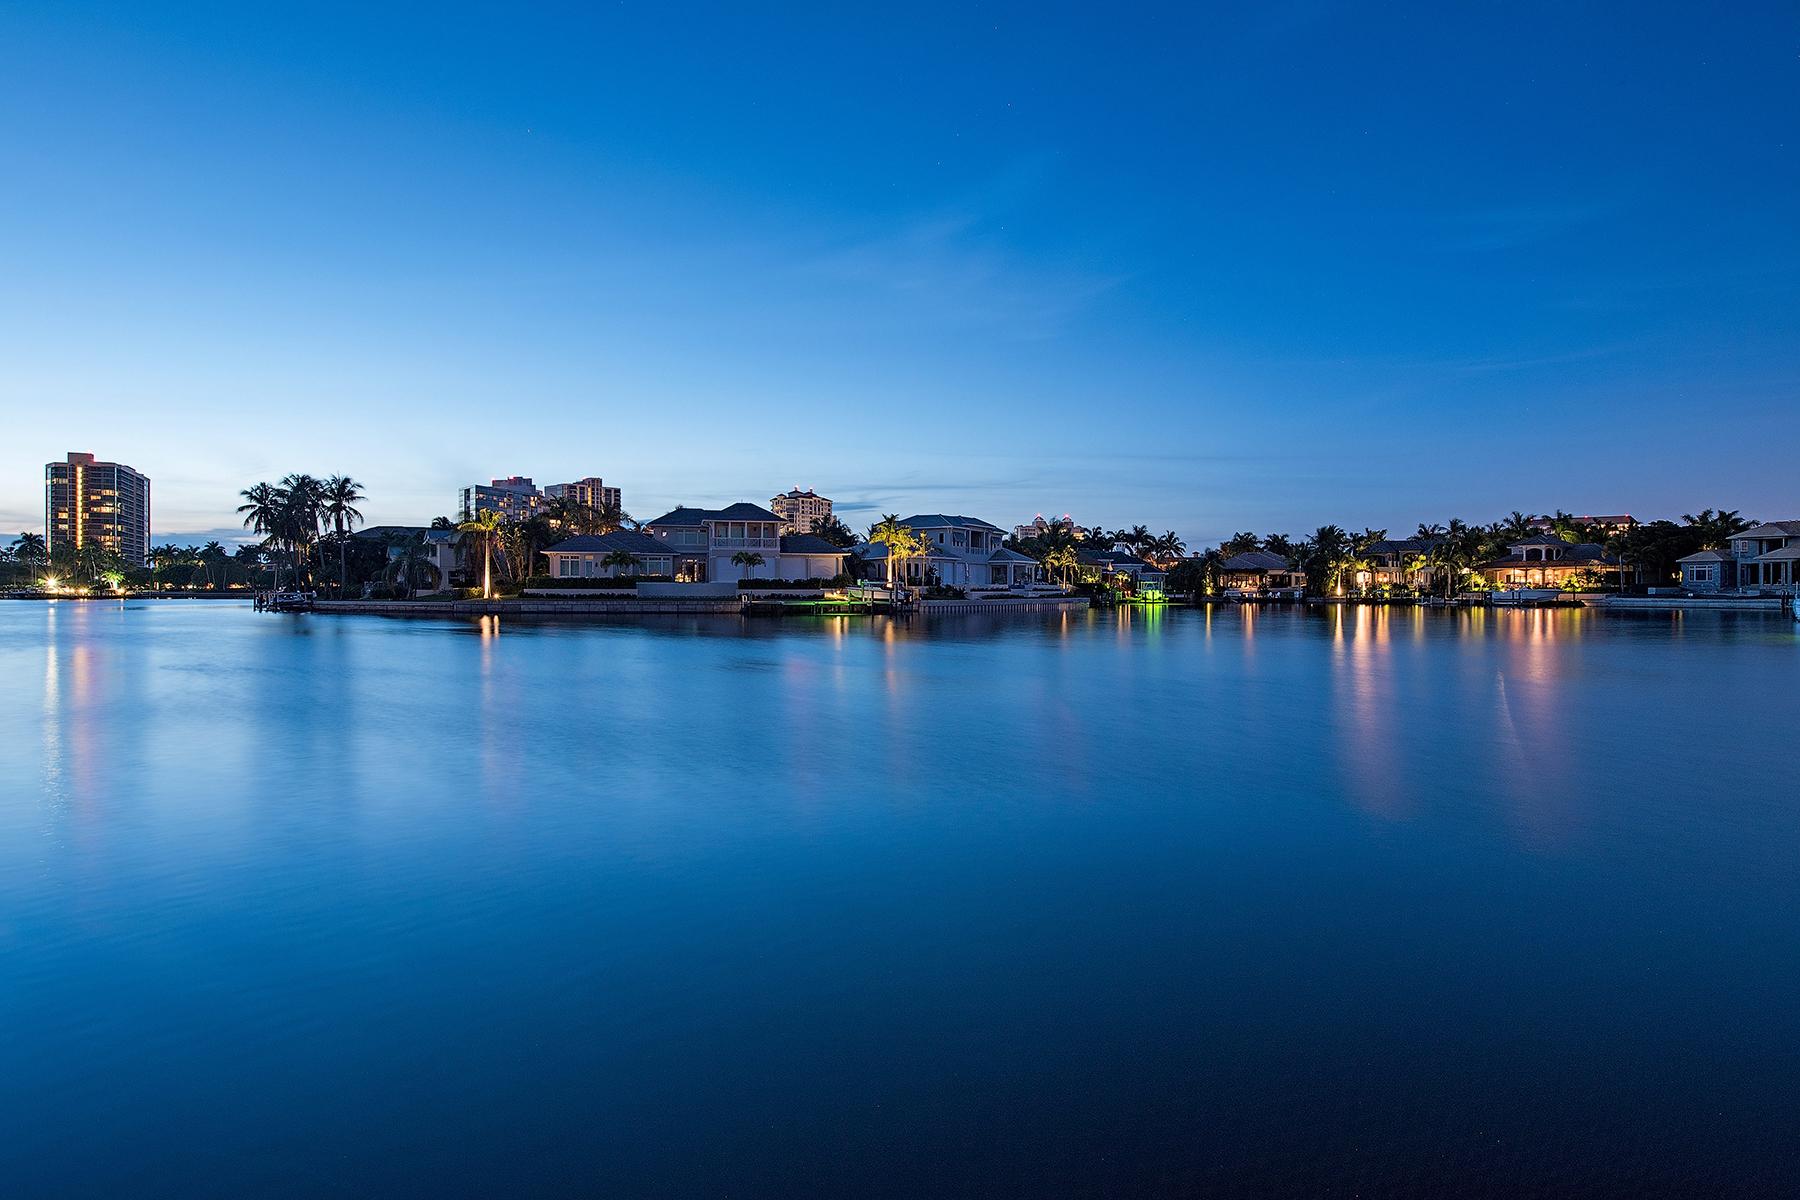 Villa per Vendita alle ore PARK SHORE - PARK SHORE 403 Neapolitan Way Naples, Florida, 34103 Stati Uniti